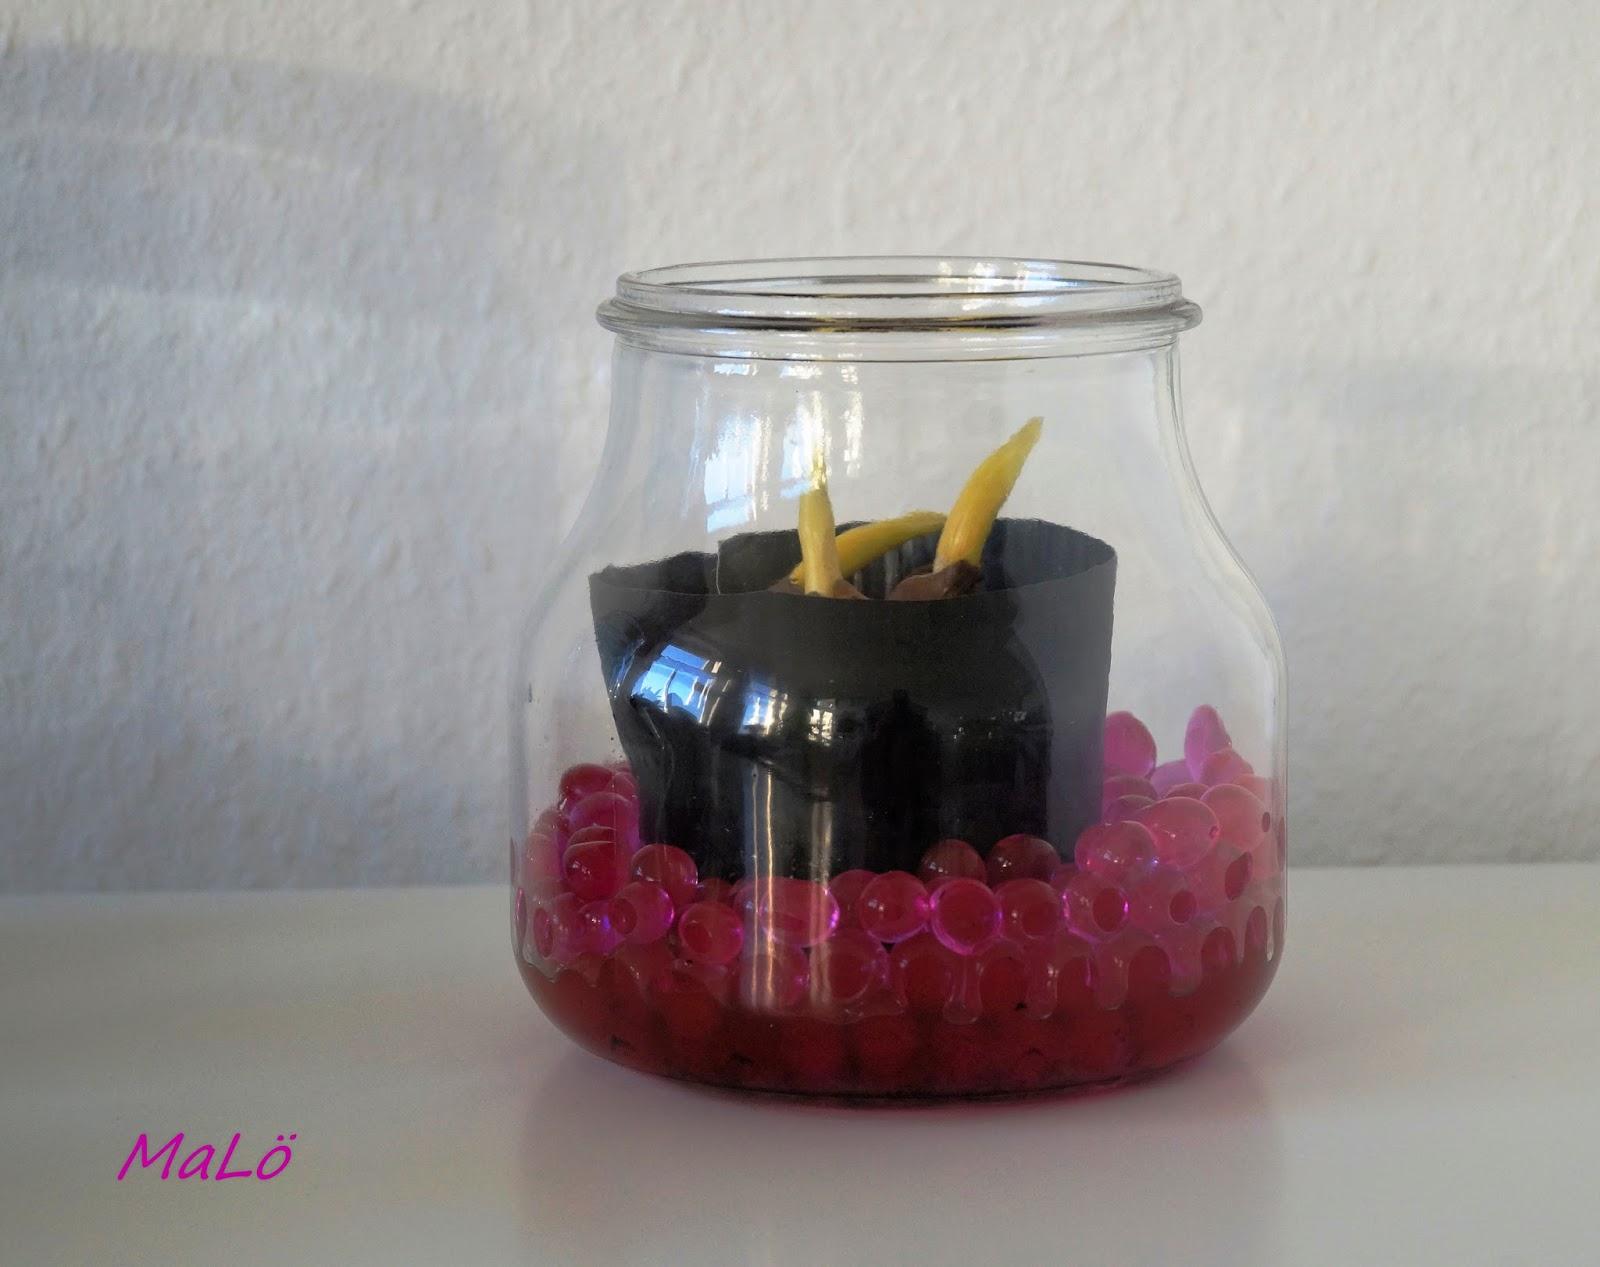 kleiner gru in den fr hling tulpen im glas. Black Bedroom Furniture Sets. Home Design Ideas